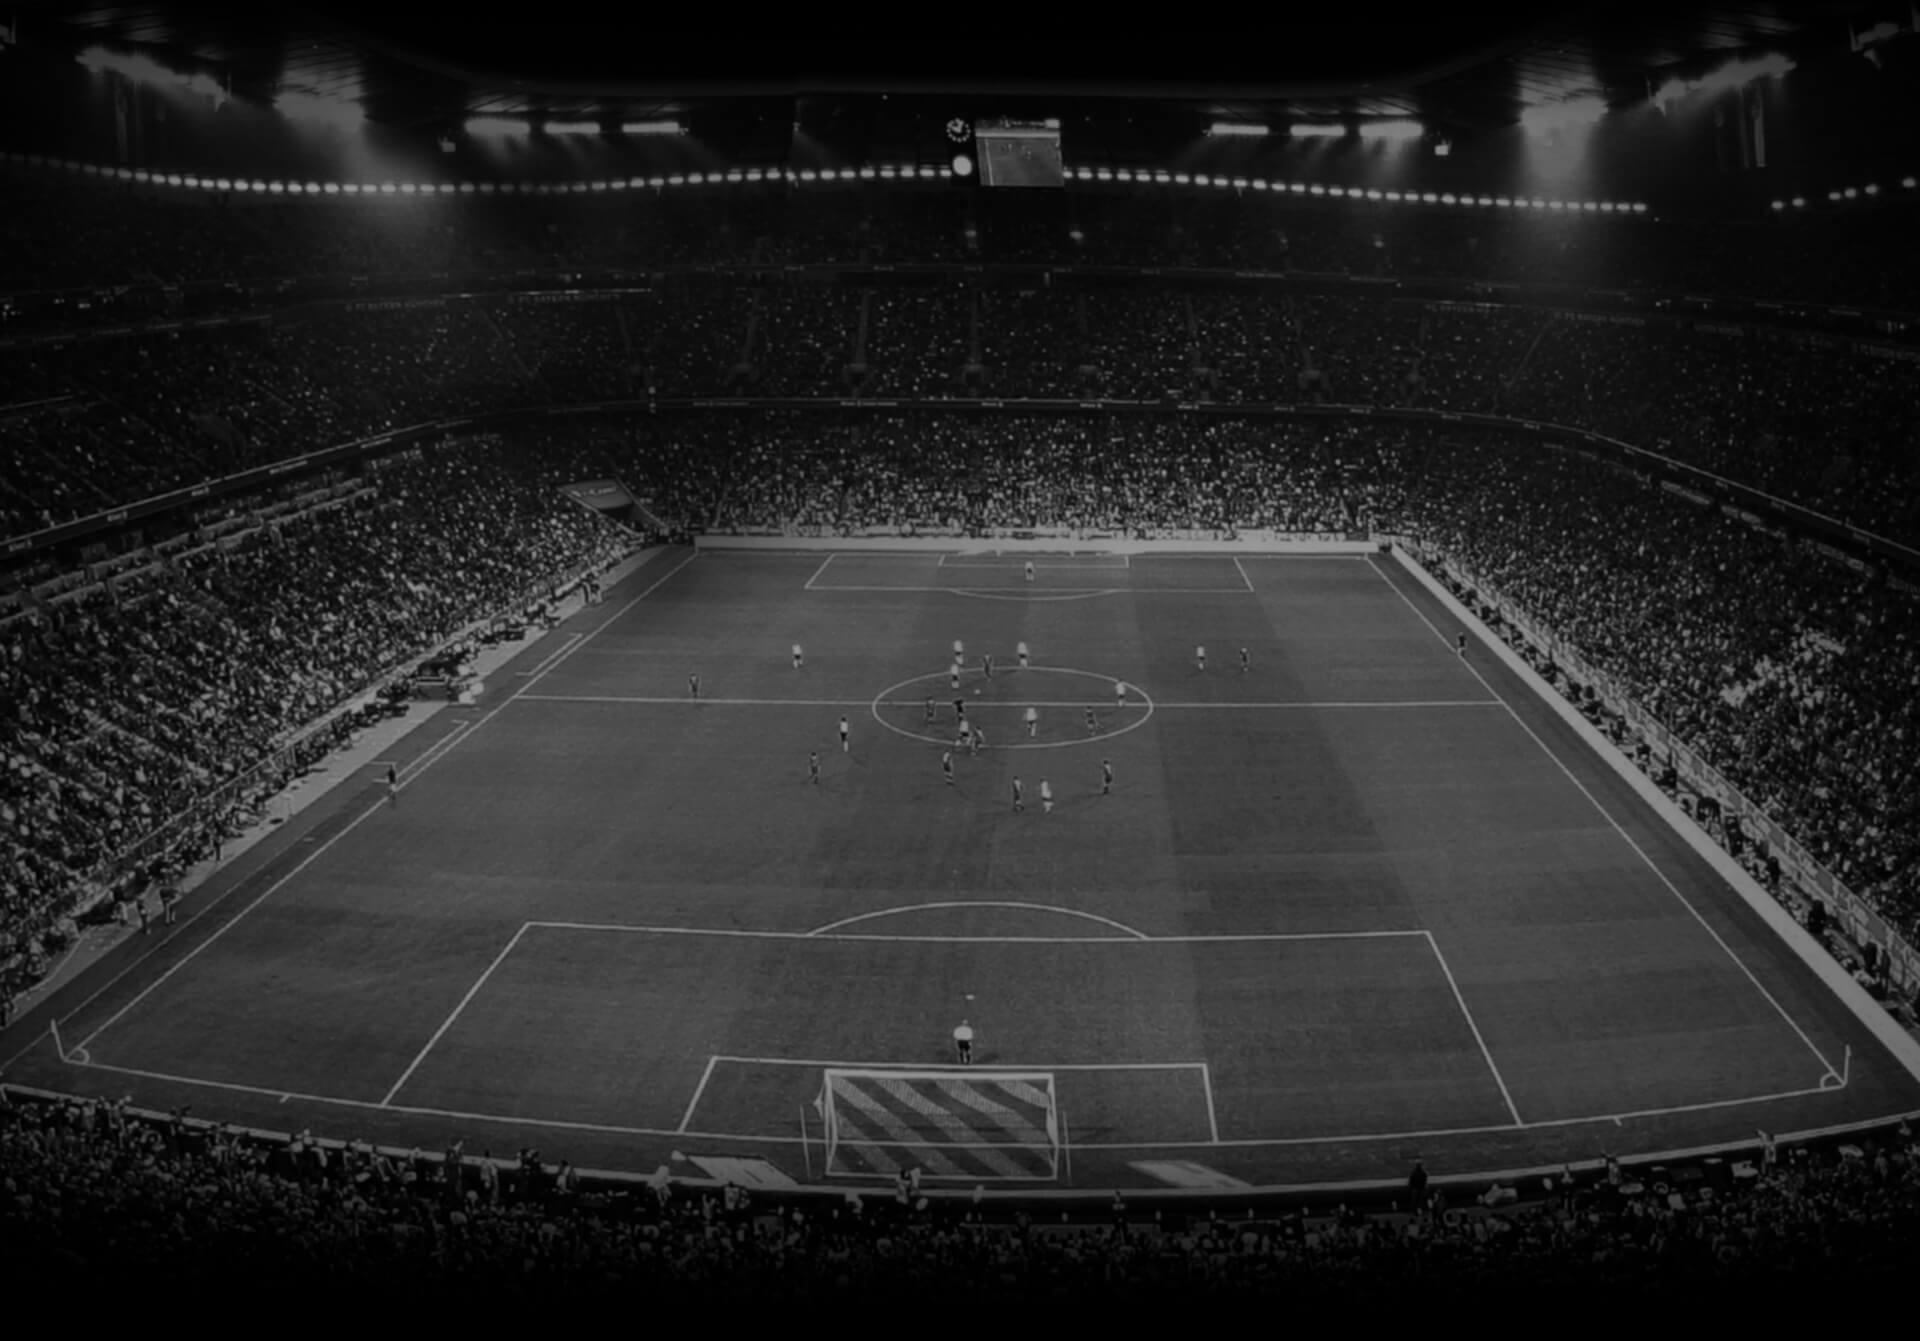 Die besten Online Fussballwetten schwarz weiß Weitsicht Fussballfeld Spieler